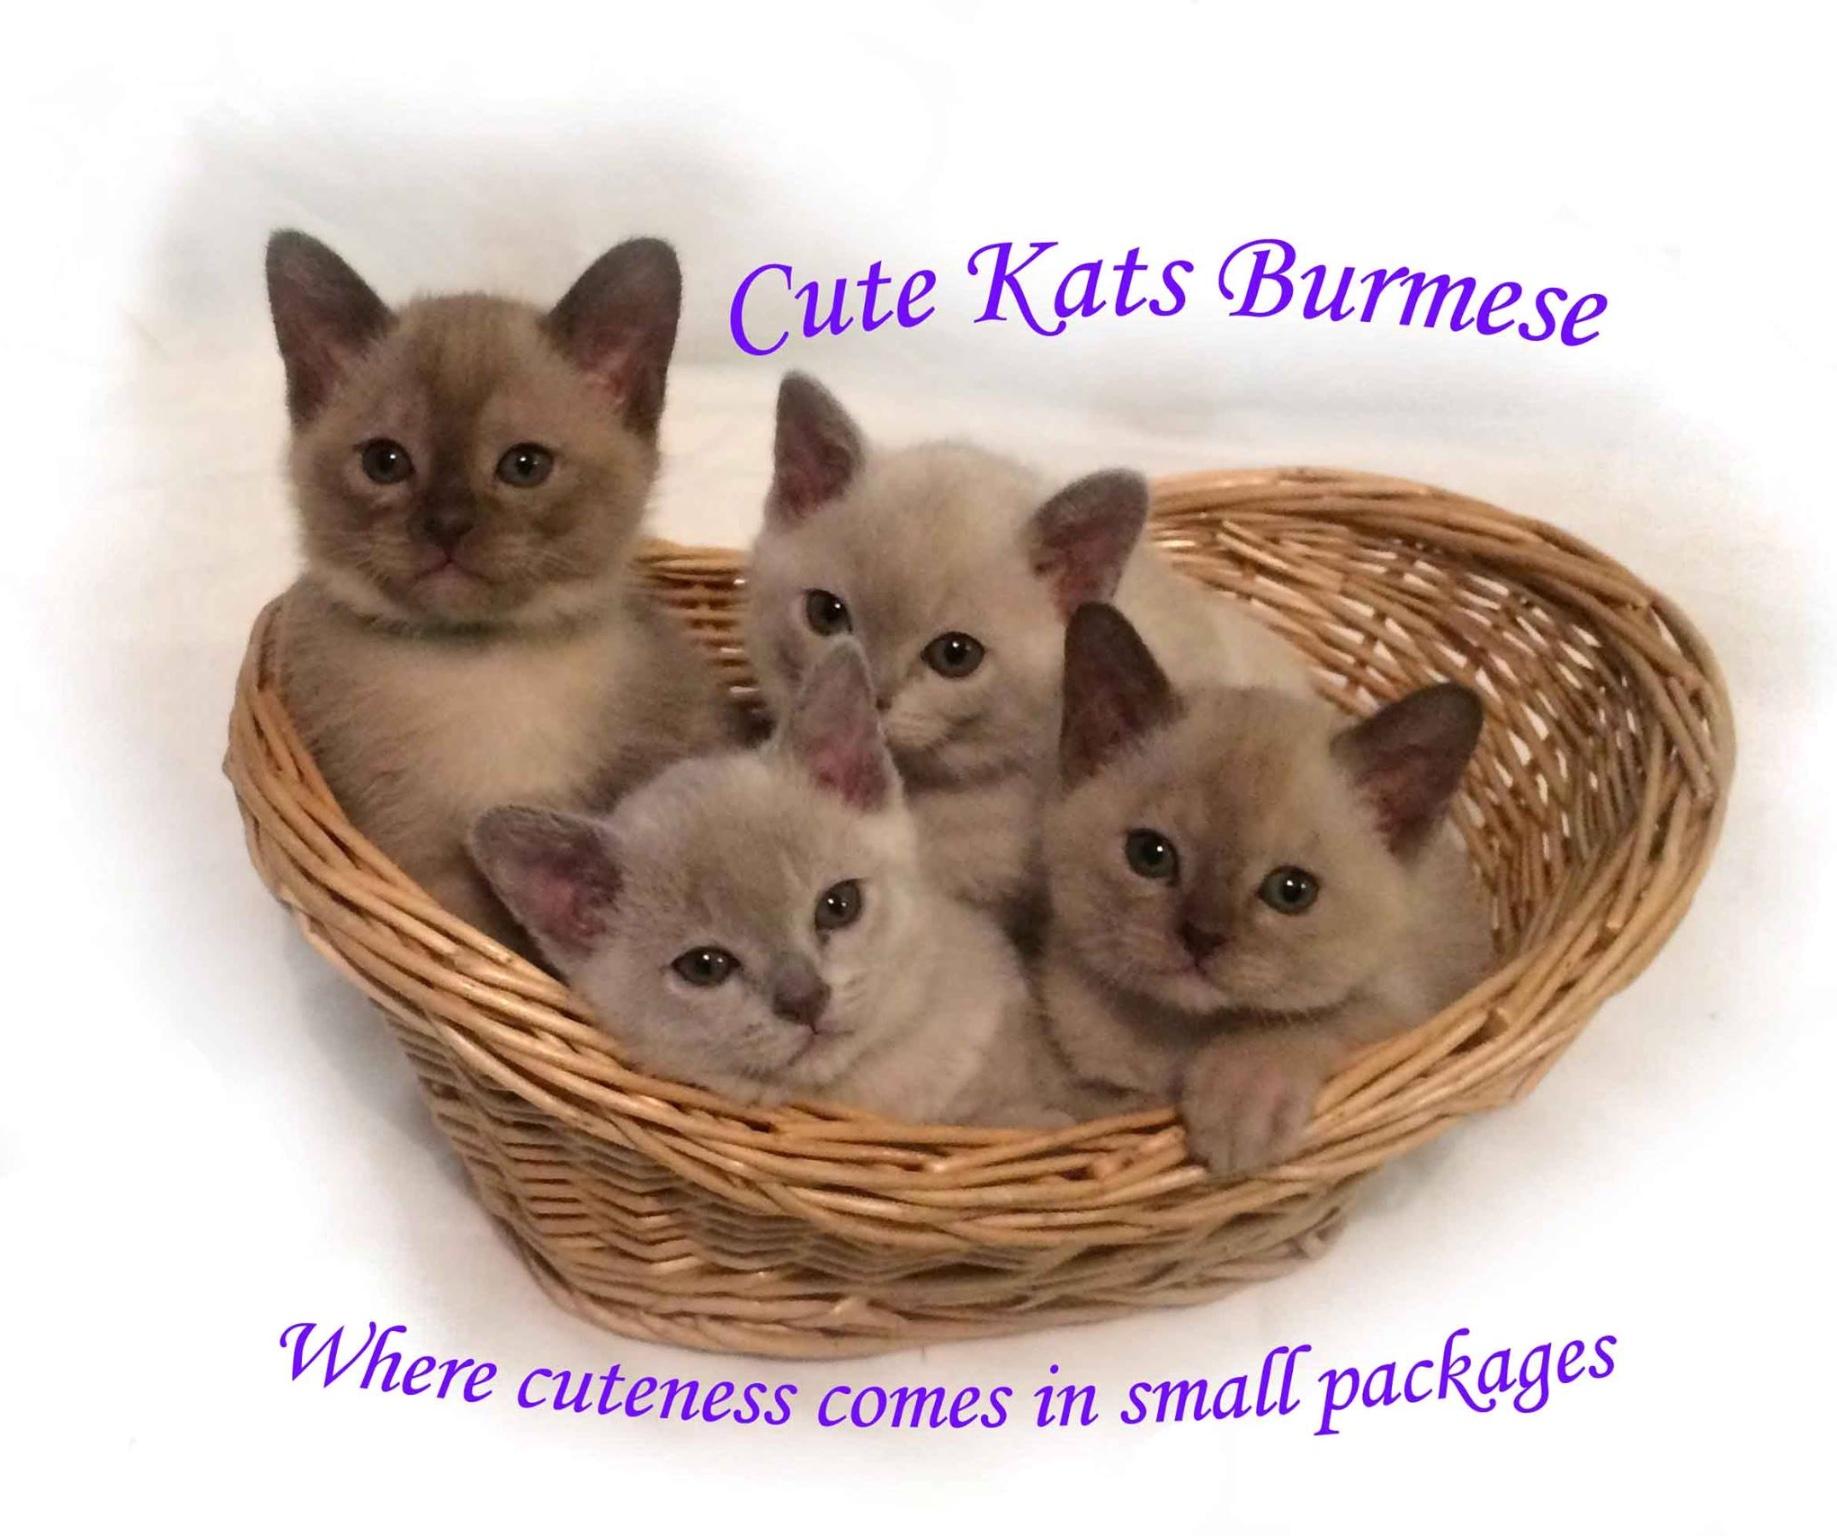 Cutekats Burmese Cattery